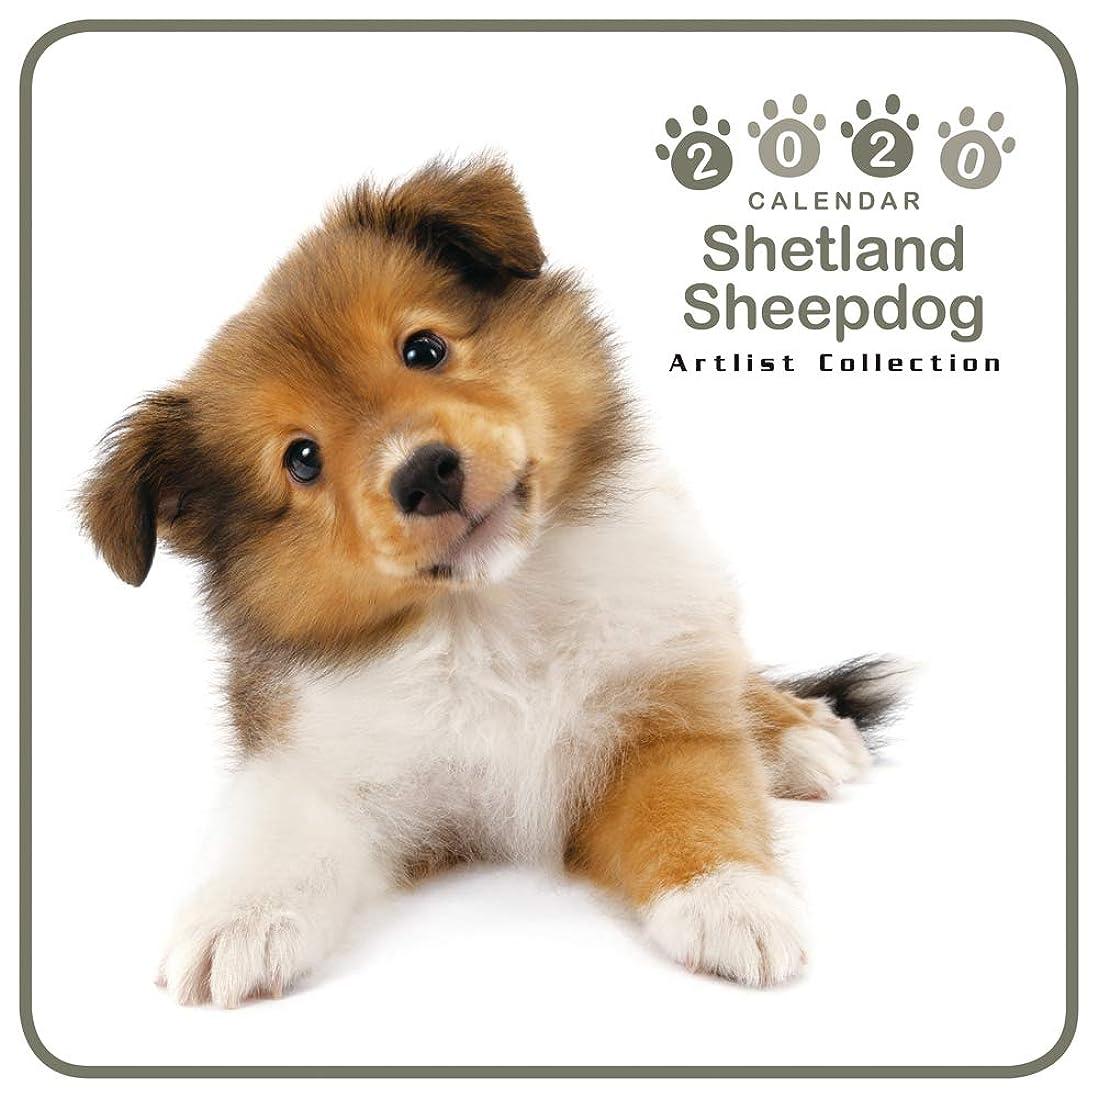 コンデンサー委任するジャングルカレンダー 2020 ミニサイズ 壁掛け シュットランド?シープドッグ (ミニ) 403358 ノーマルレンズシリーズ 2019年9月-2020年12月 アーリスト イヌ いぬ Shetland Sheepdog